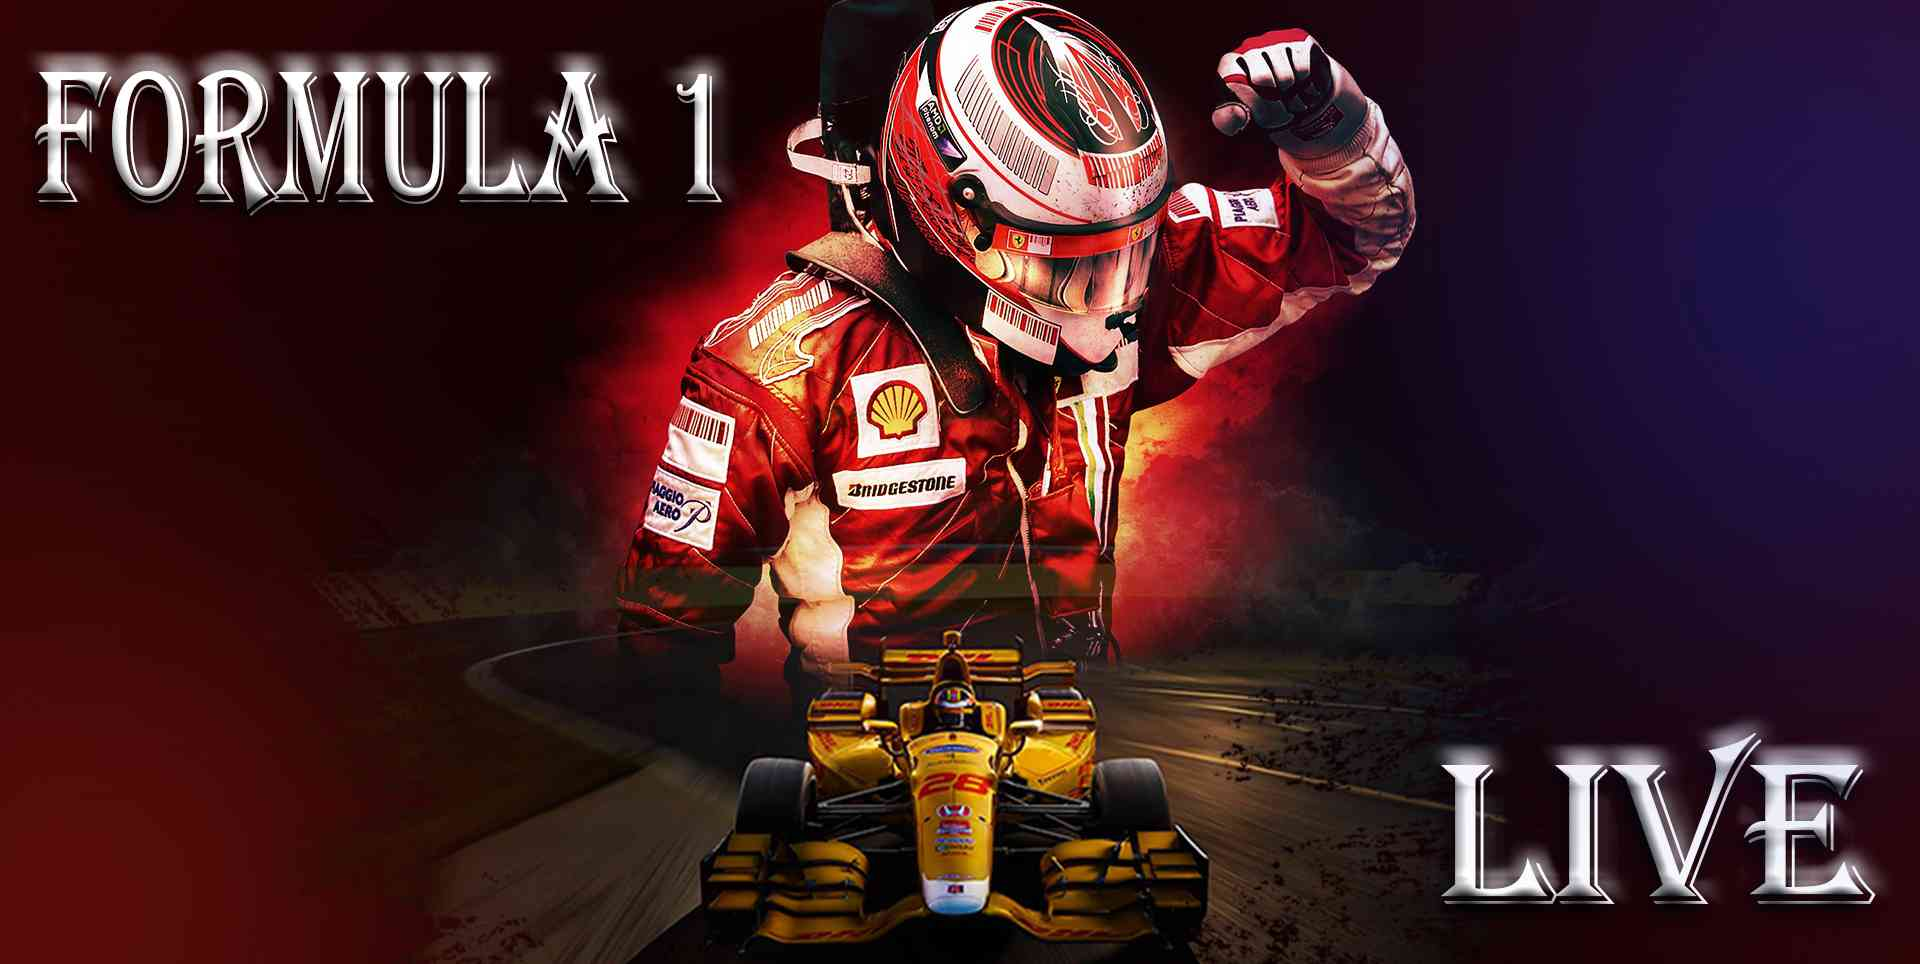 gp-of-pau-formula-3-race-2016-live